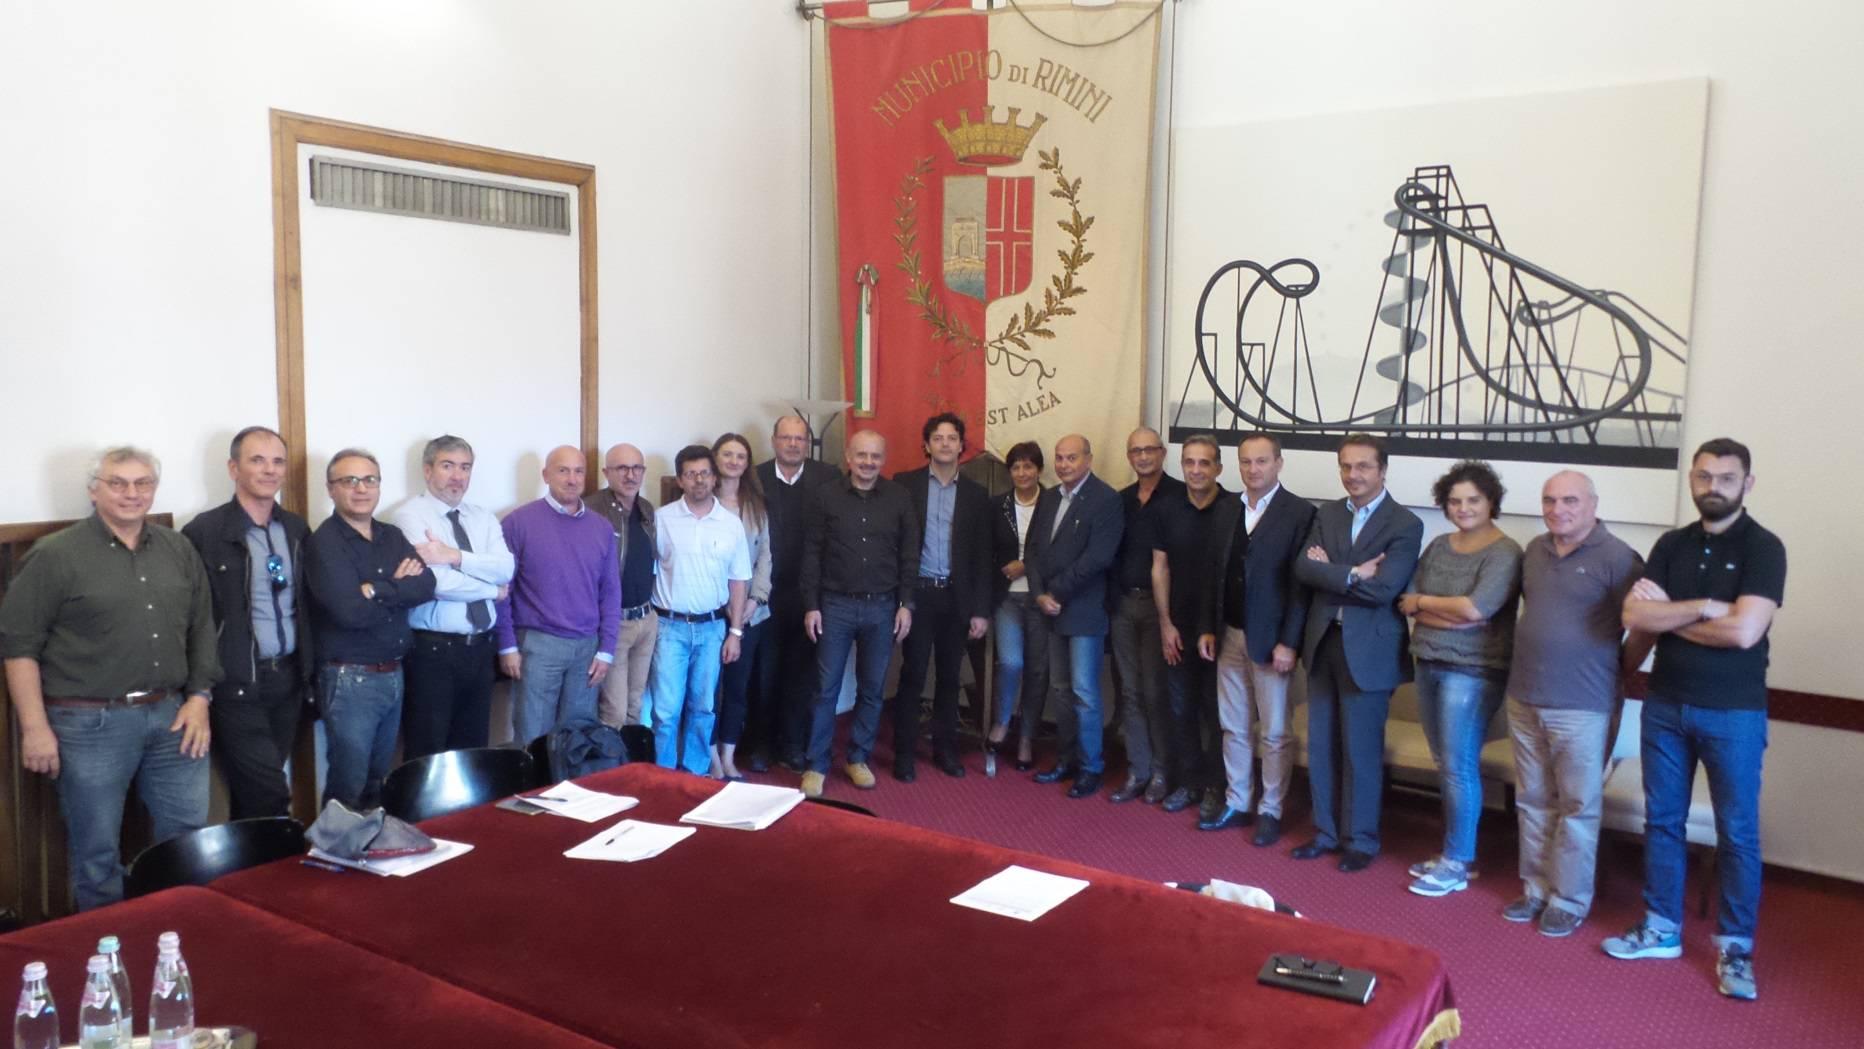 Incidenti nel tragitto casa-lavoro, firmato protocollo a Rimini